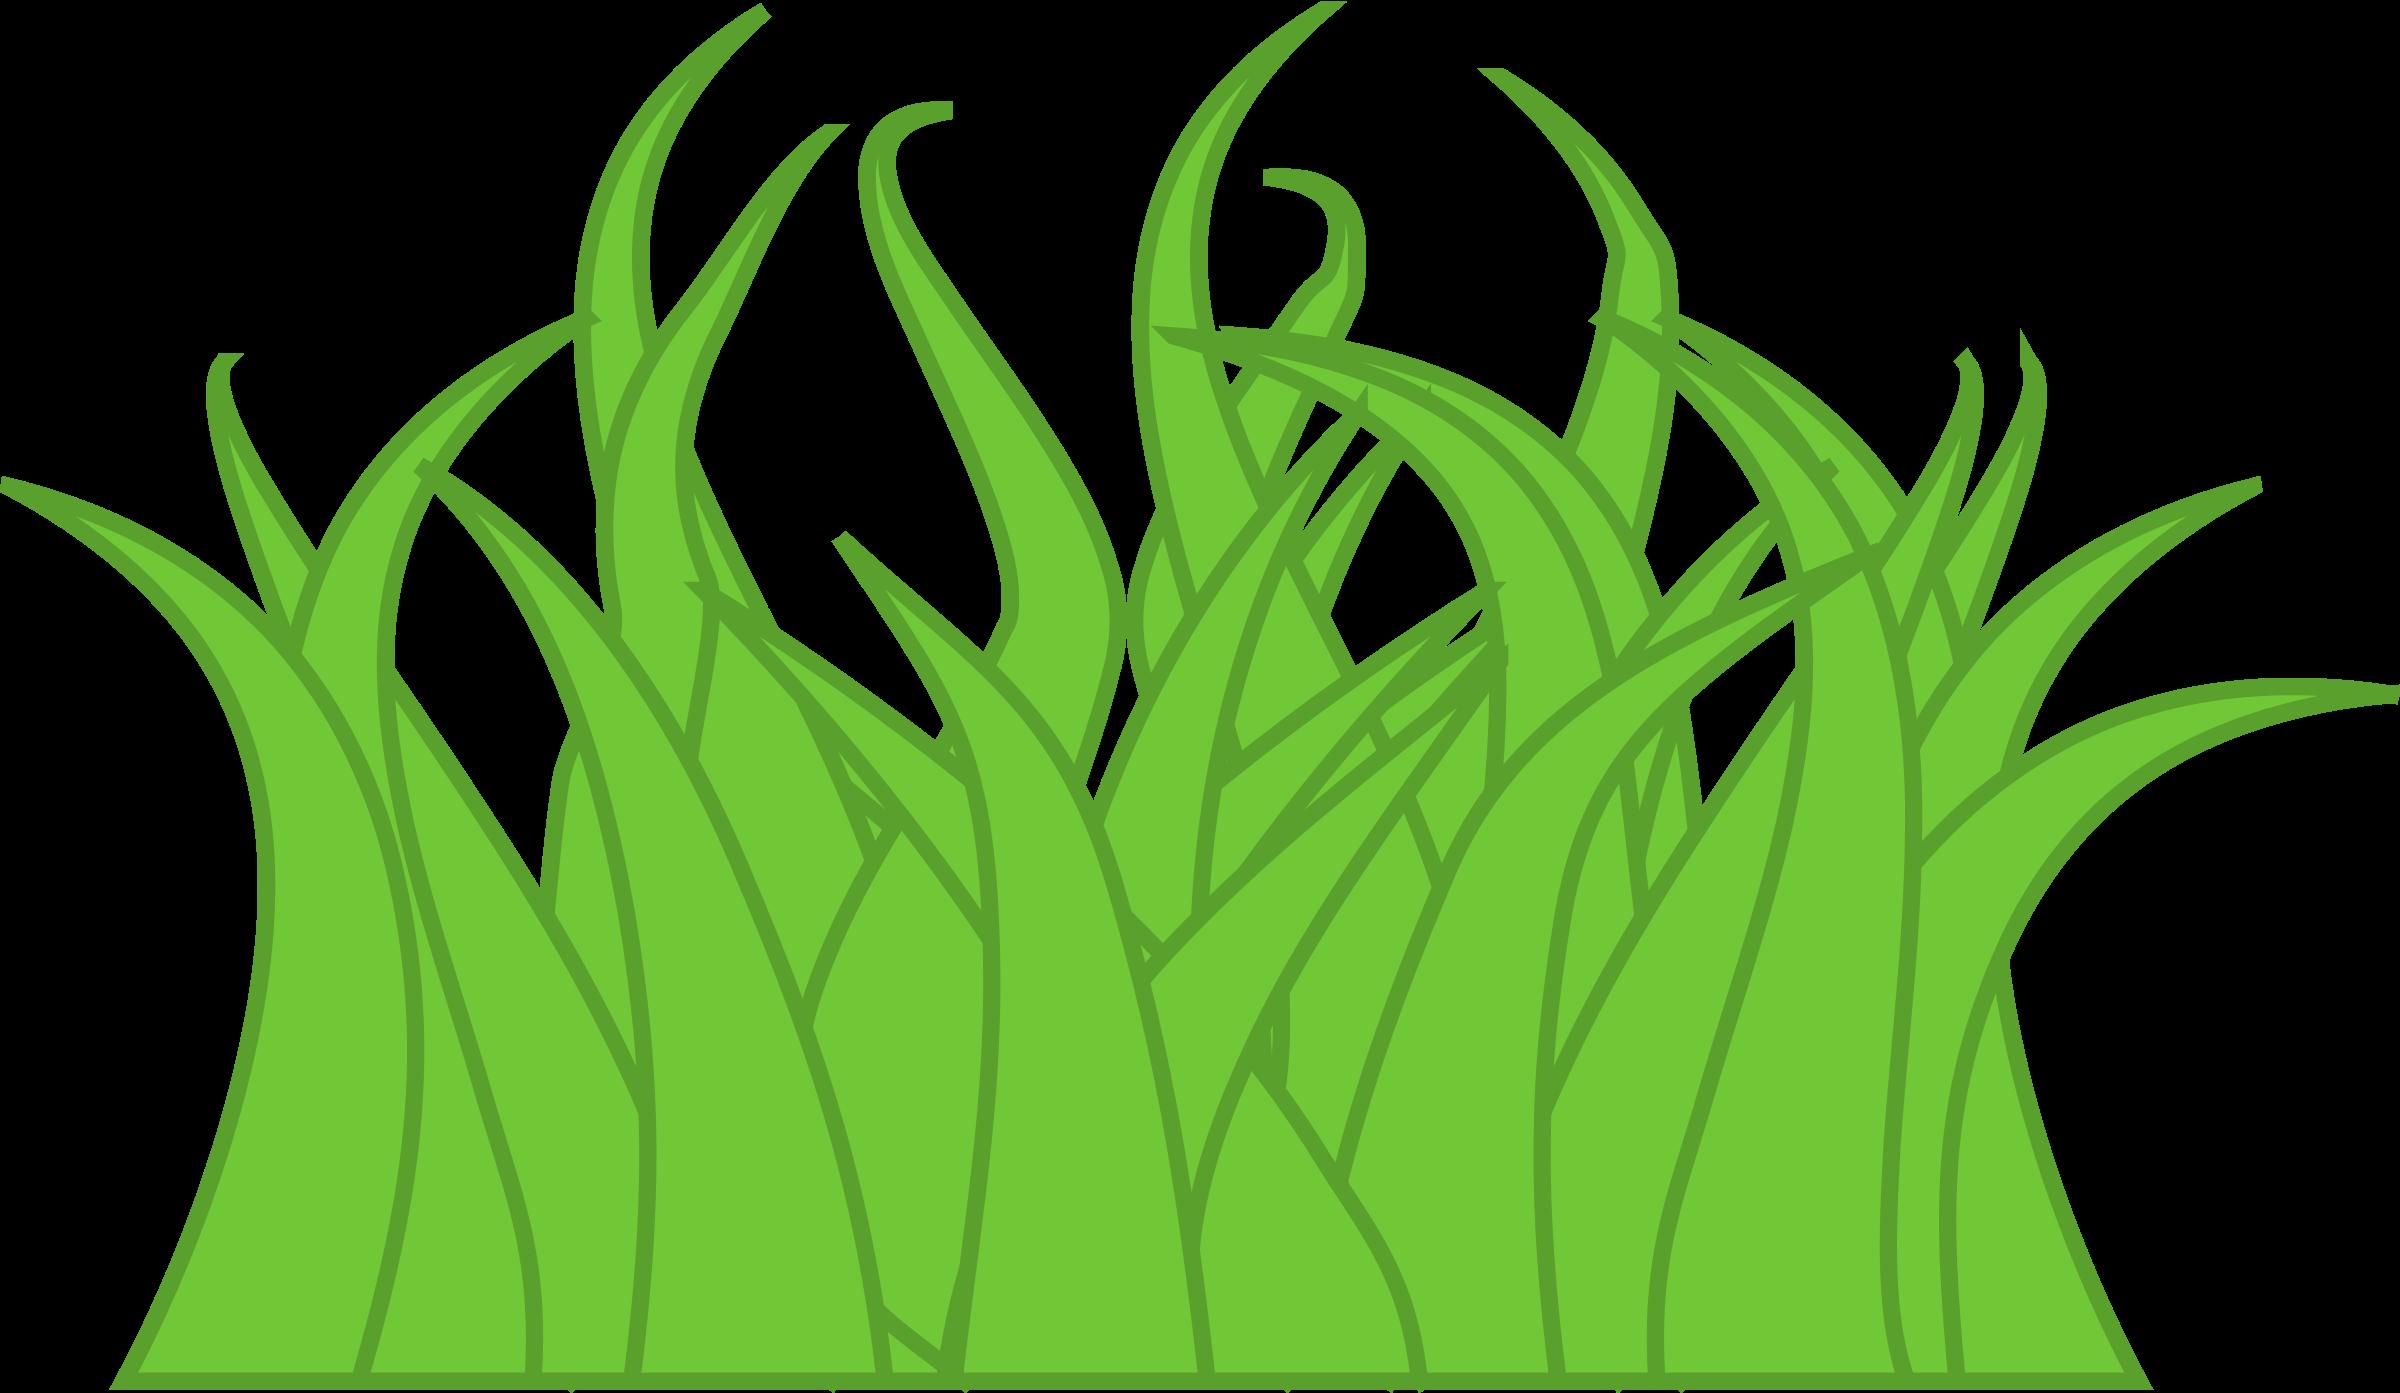 Clipart grass.